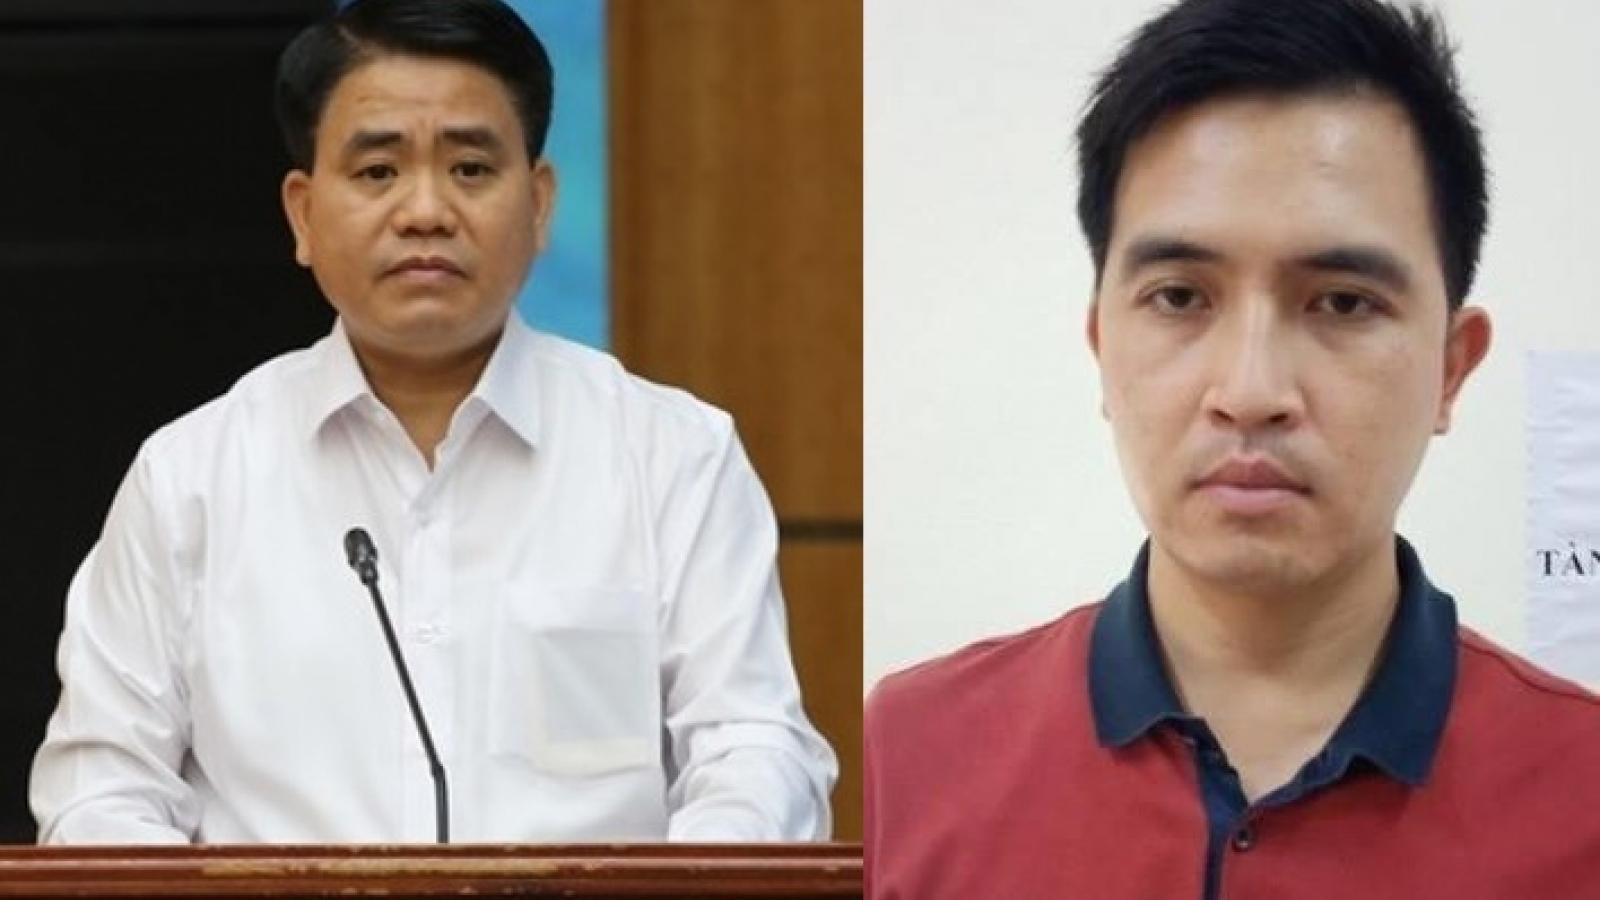 Ông Nguyễn Đức Chung khai gì về quá trình đàm phán mua chế phẩm Redoxy 3C?